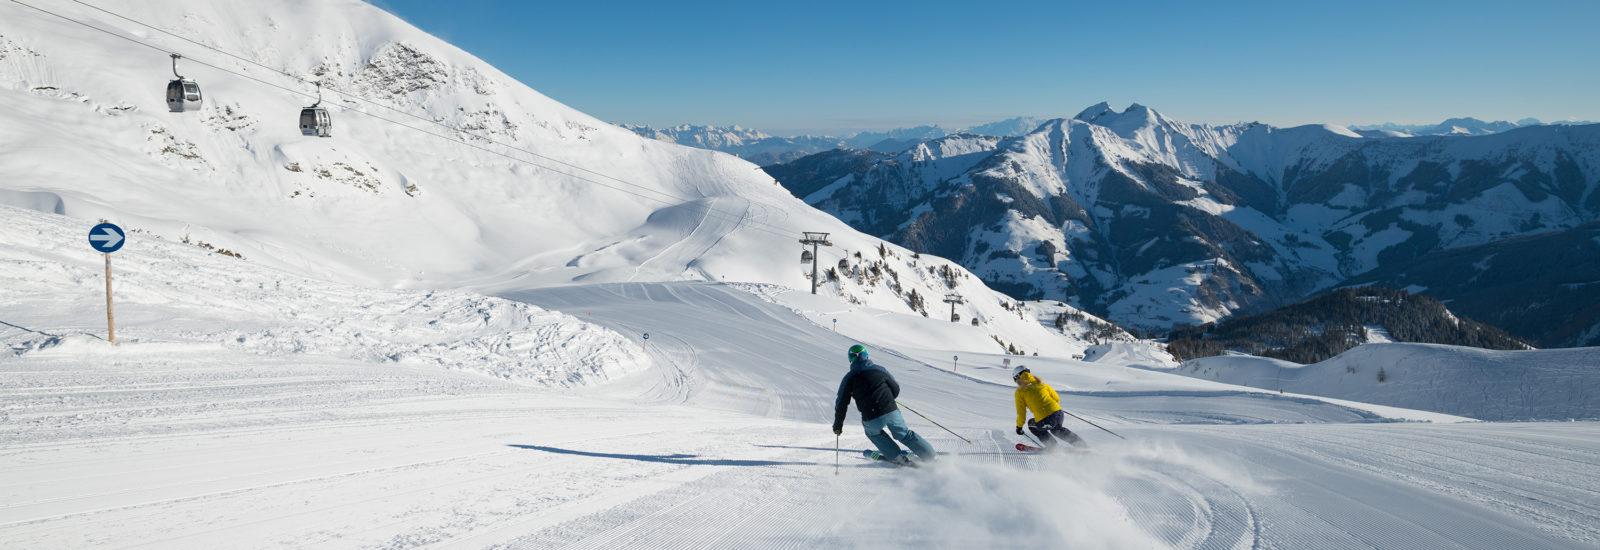 Klimaneutral Ski fahren in Rauris